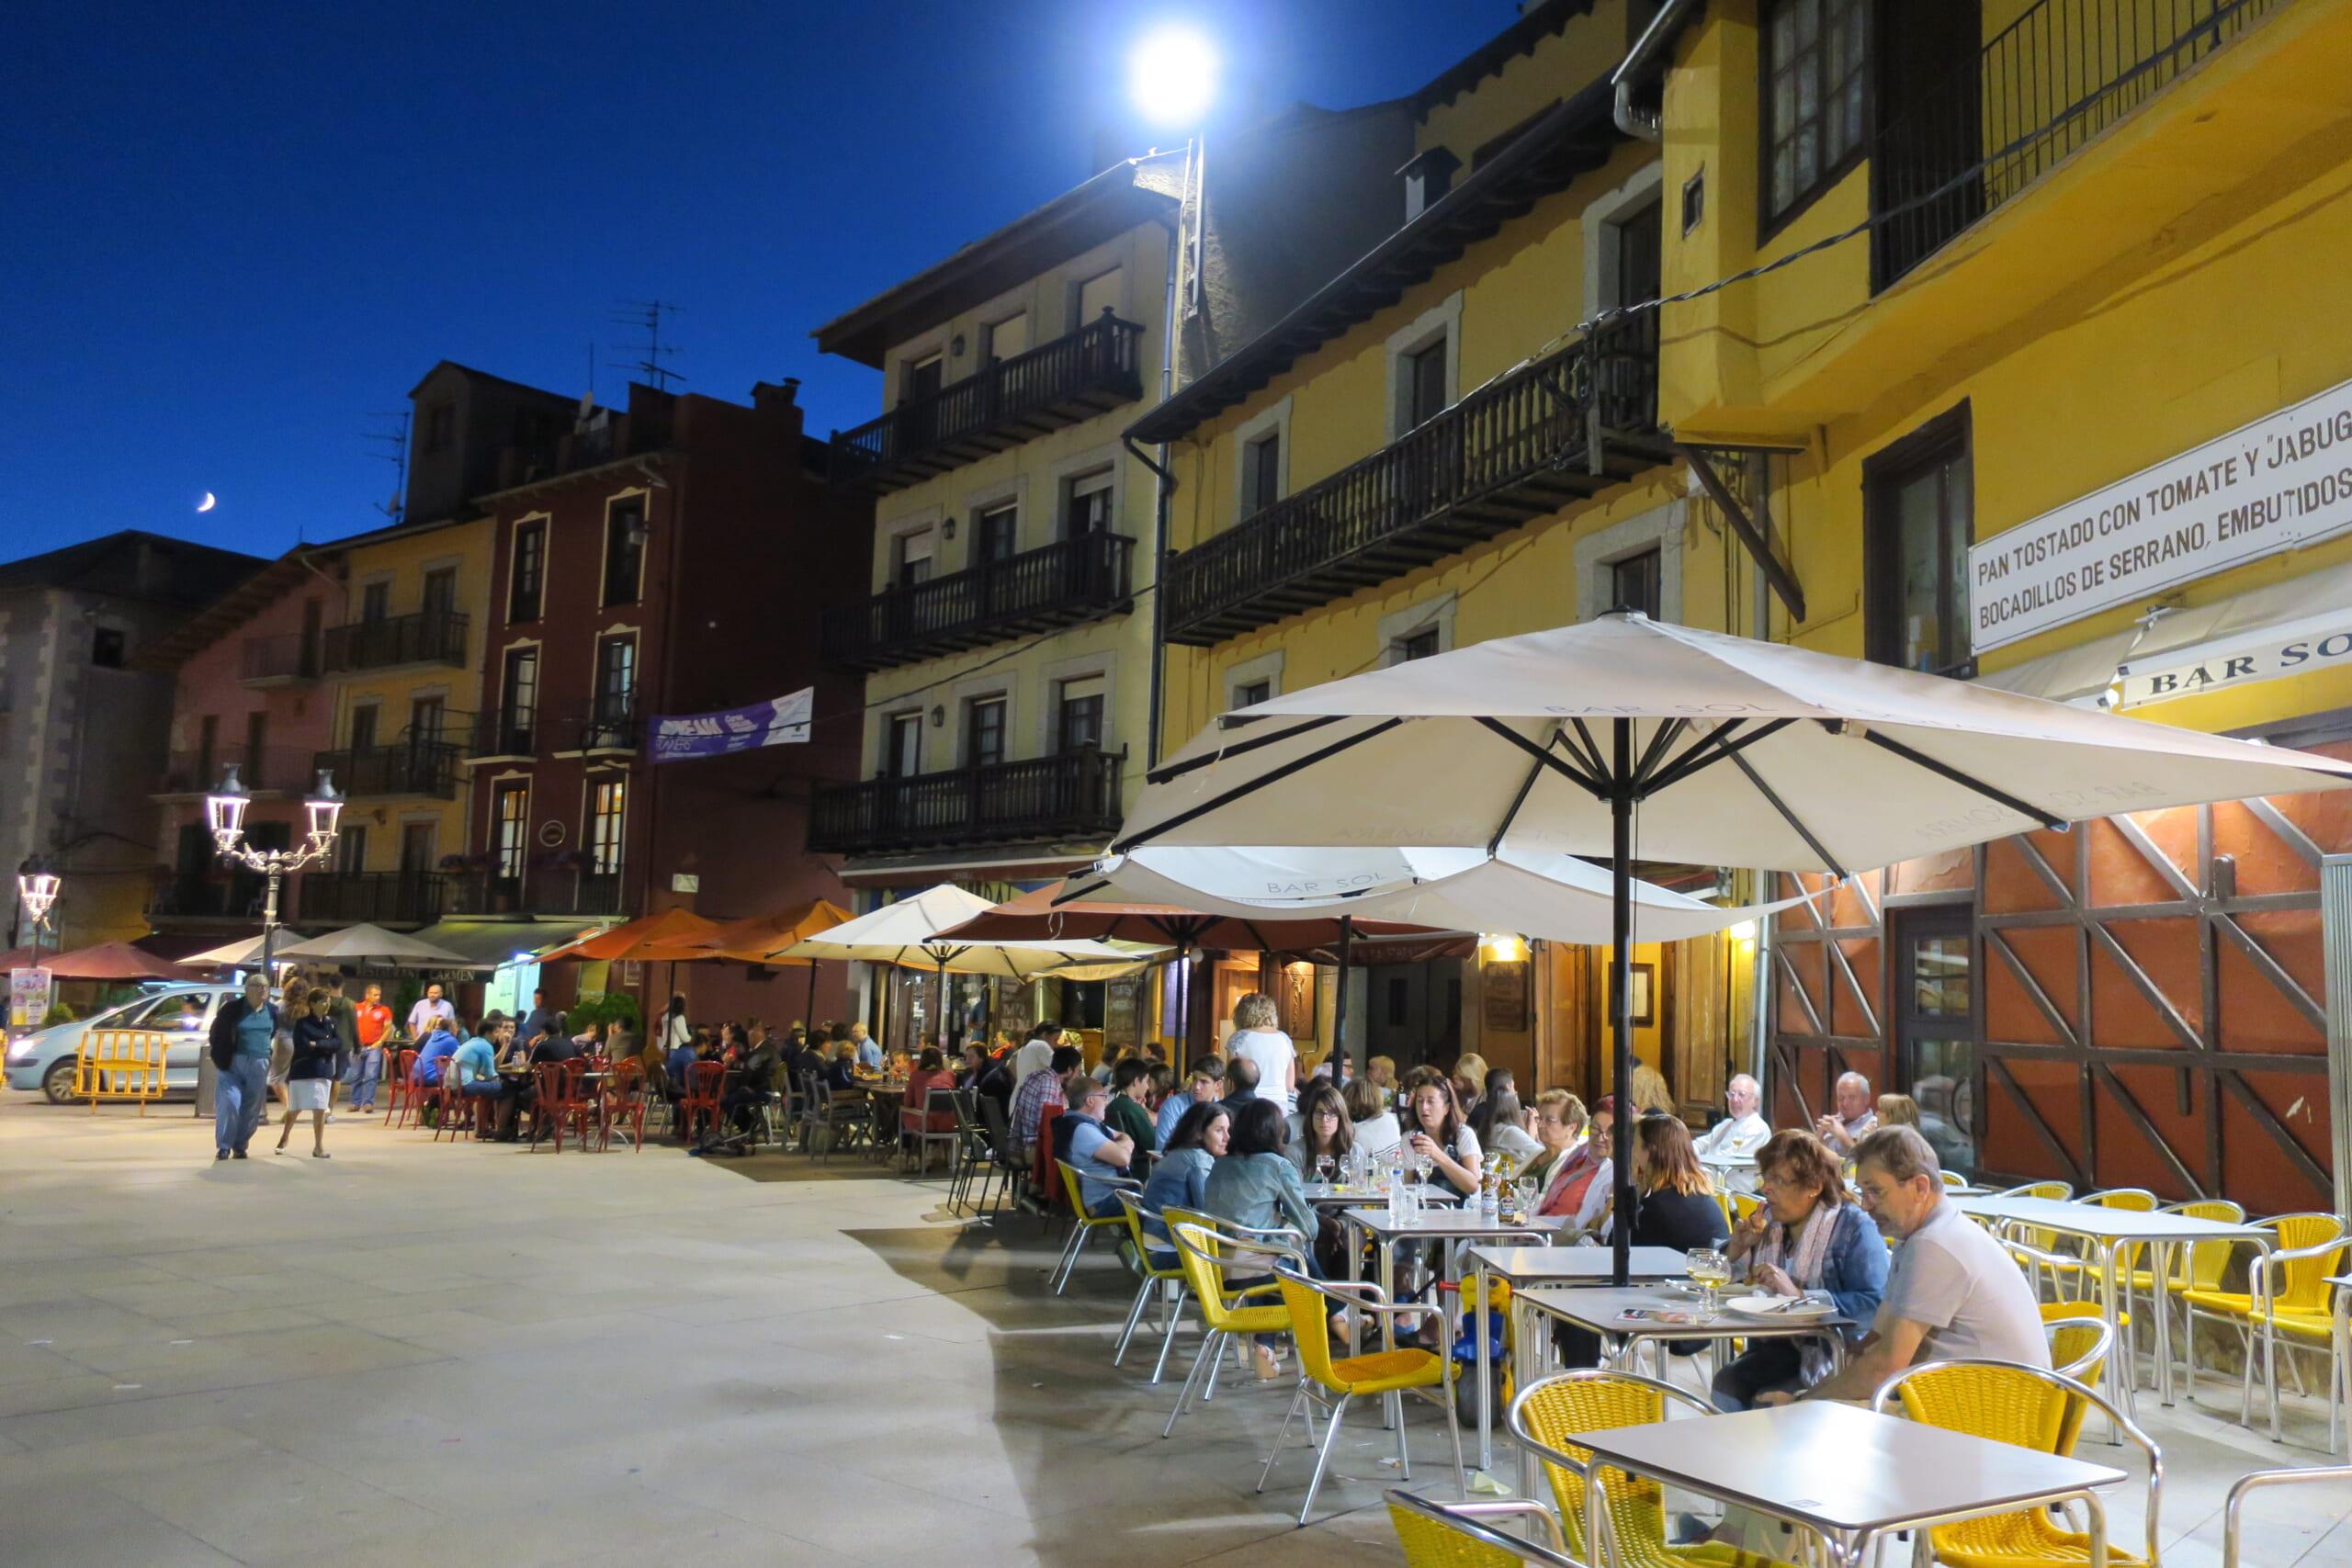 北スペインの観光スポットであるカタルーニャのプッチサルダー